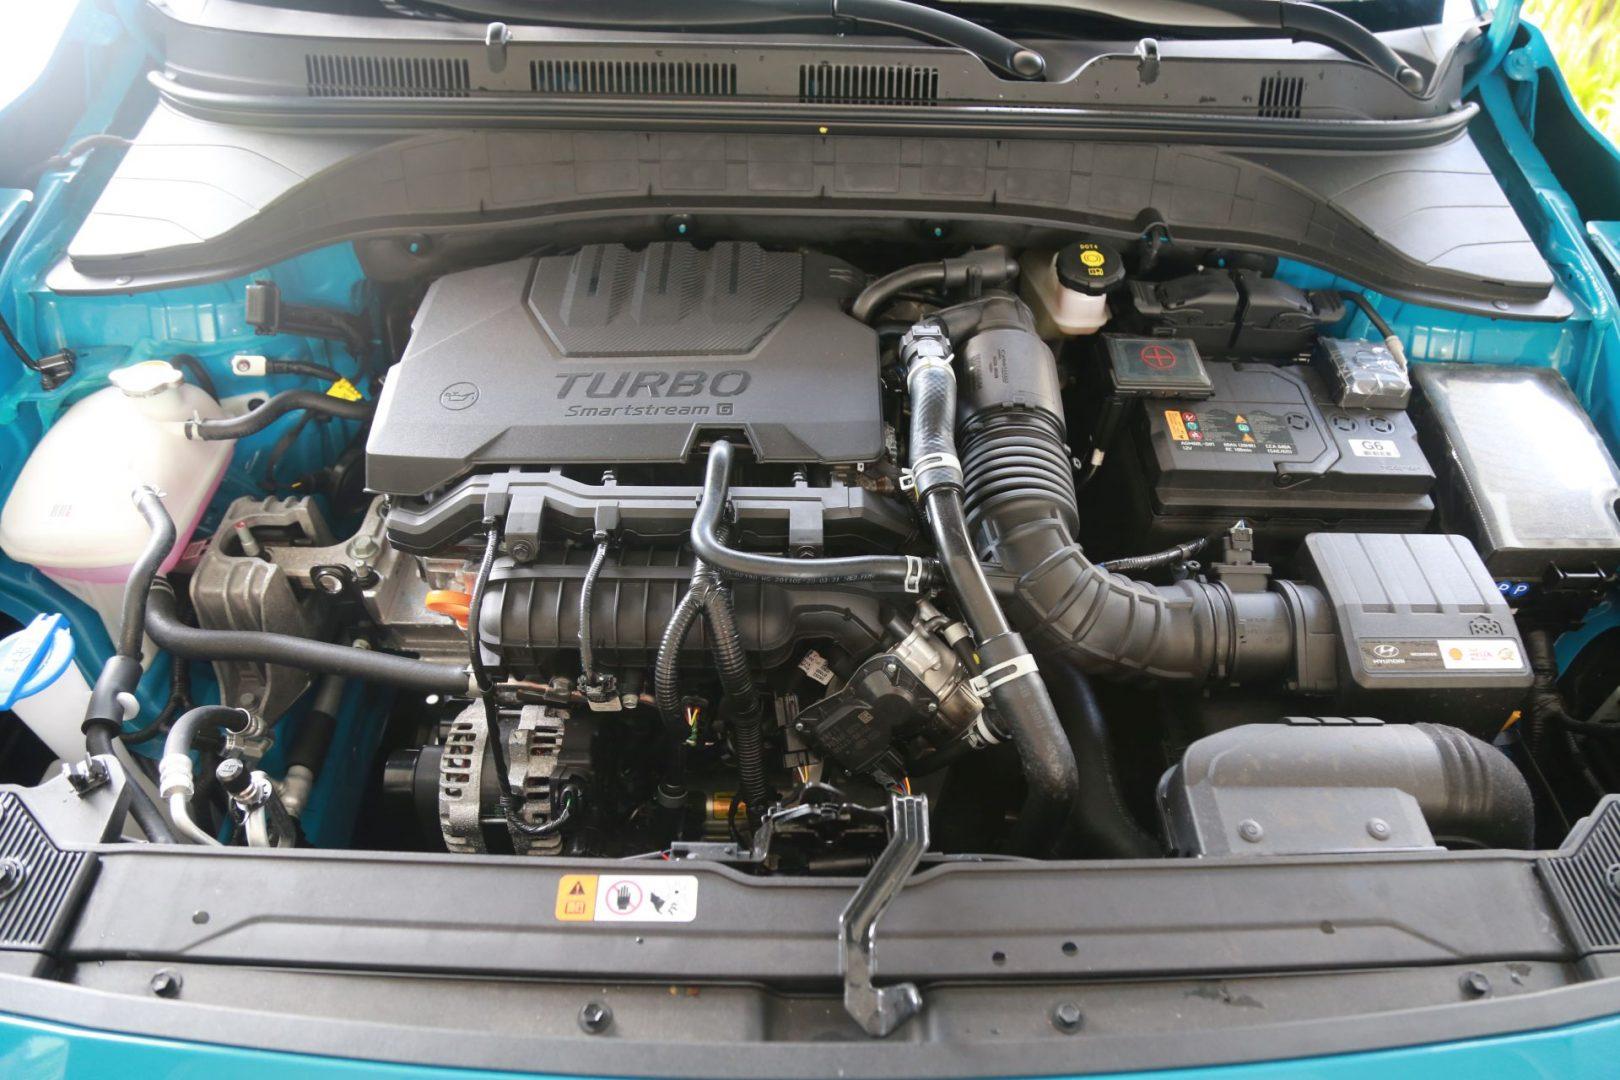 Konin turbo benzinac od 998 ccm ugodno će iznenaditi i skeptike prema trocilindrašima